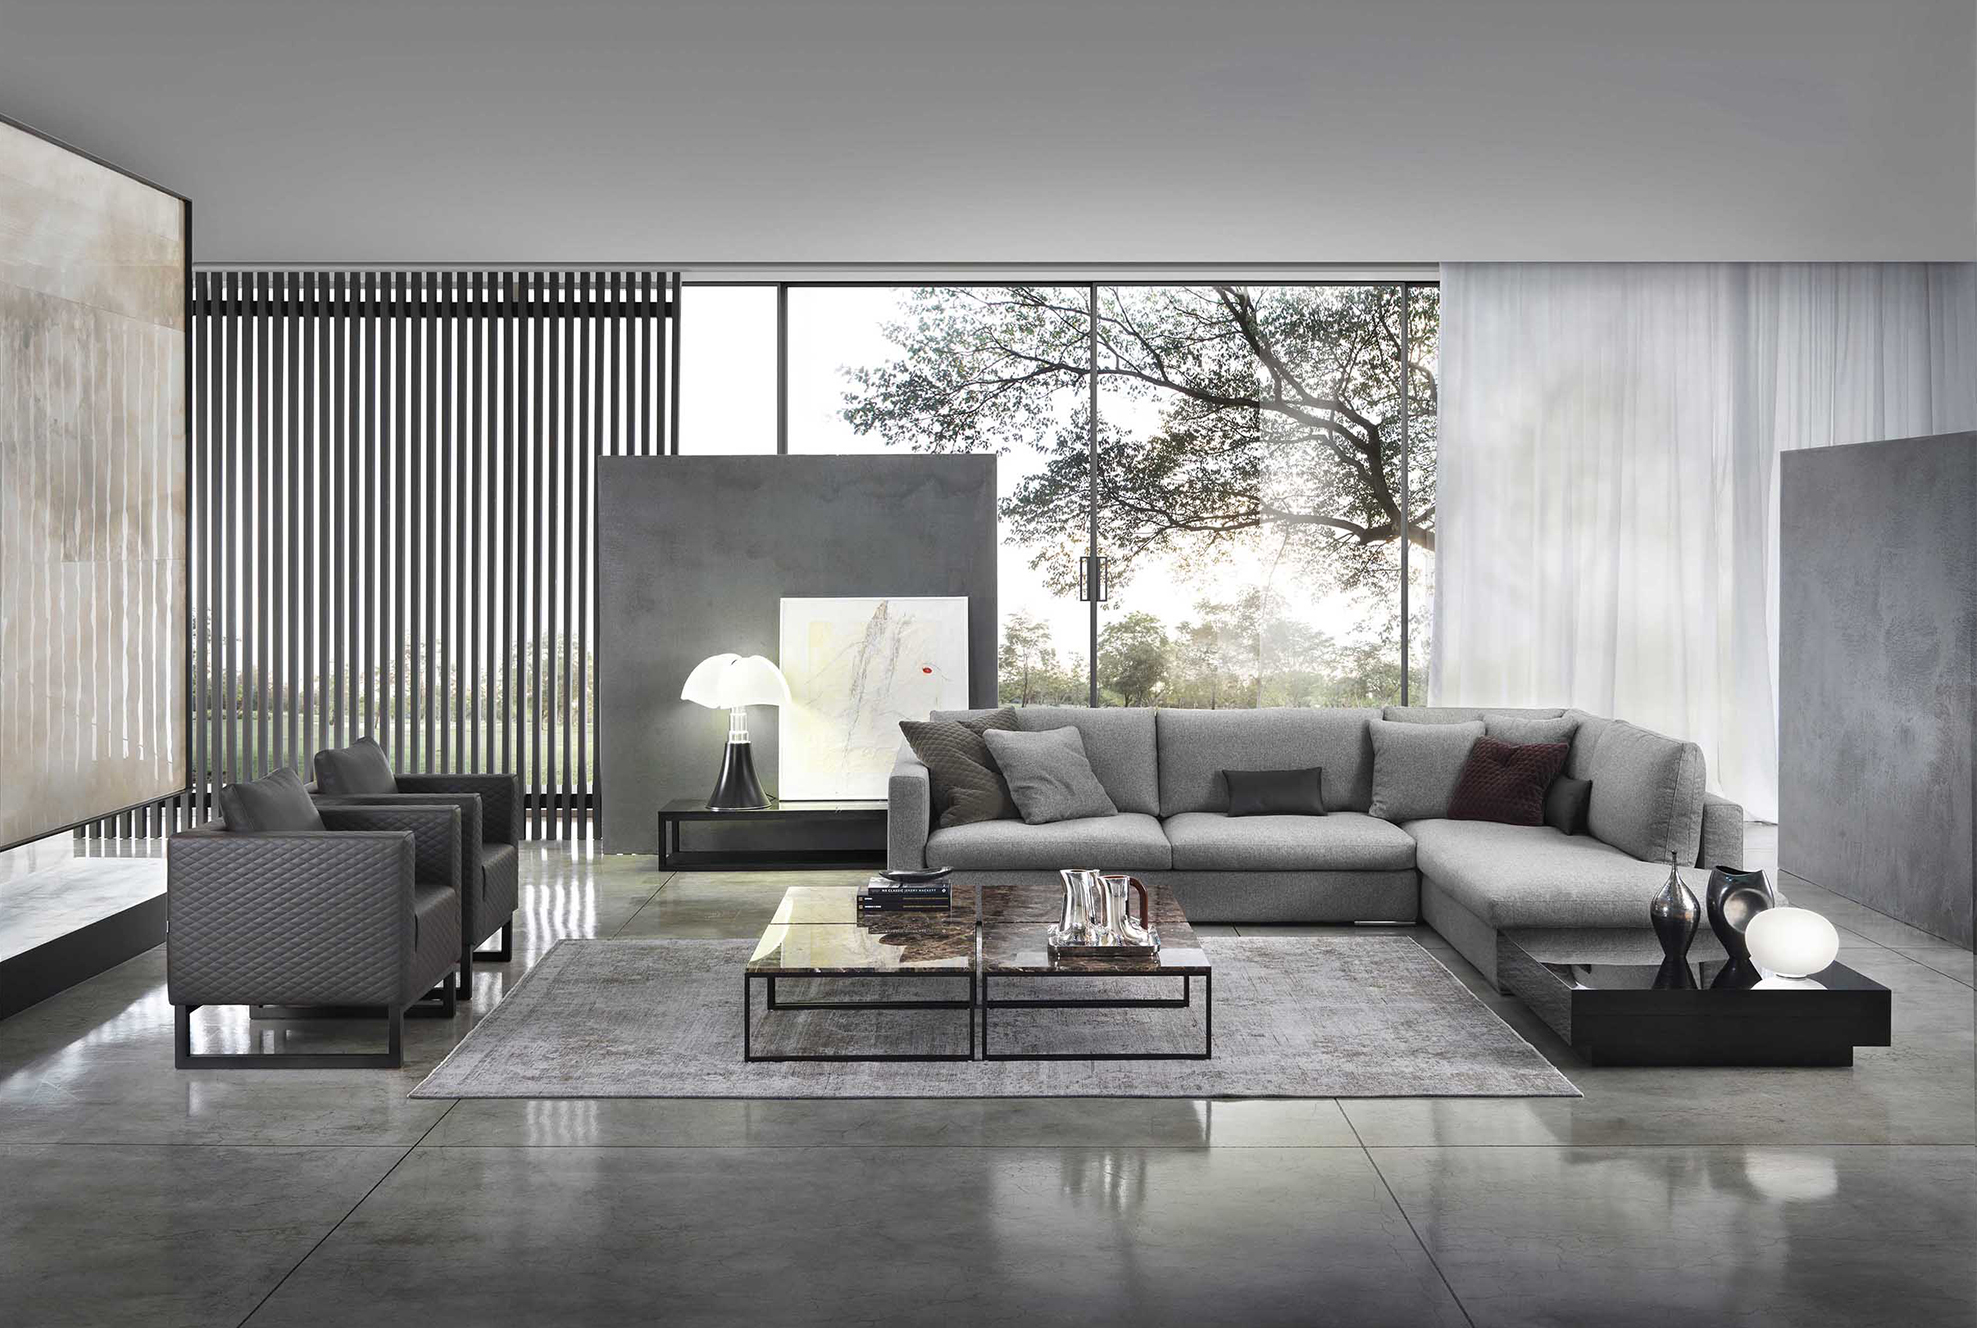 Eggers Einrichten Interior Design Wohnzimmer